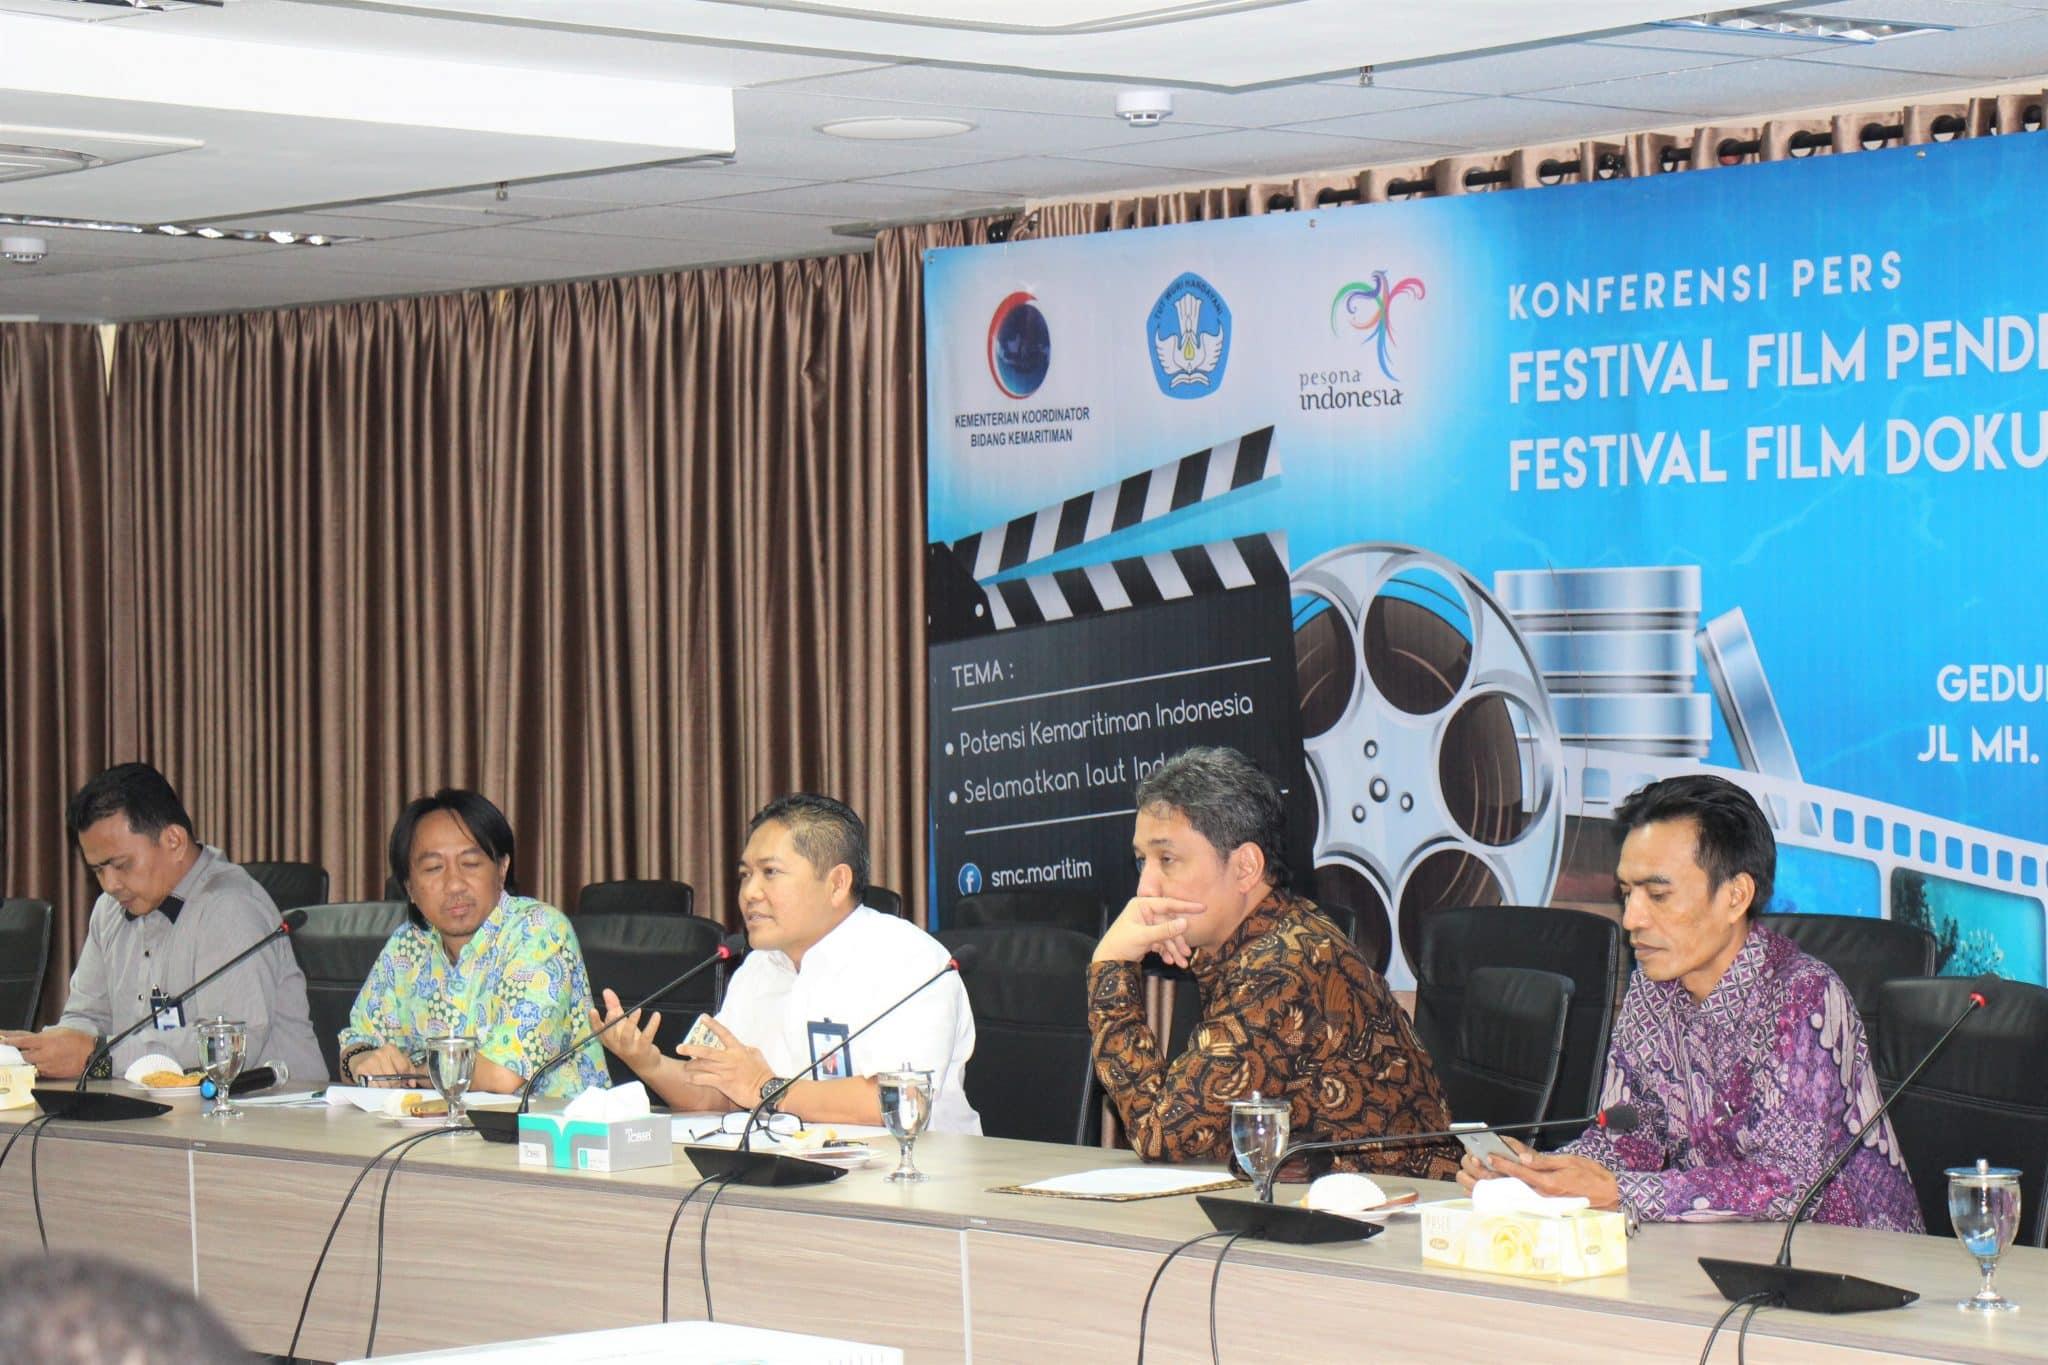 Kemenko Maritim dan Kemendikbud Resmi Luncurkan Festival Film Pendek Kemaritiman dan Festival Film Dokumenter Pelajar 2017